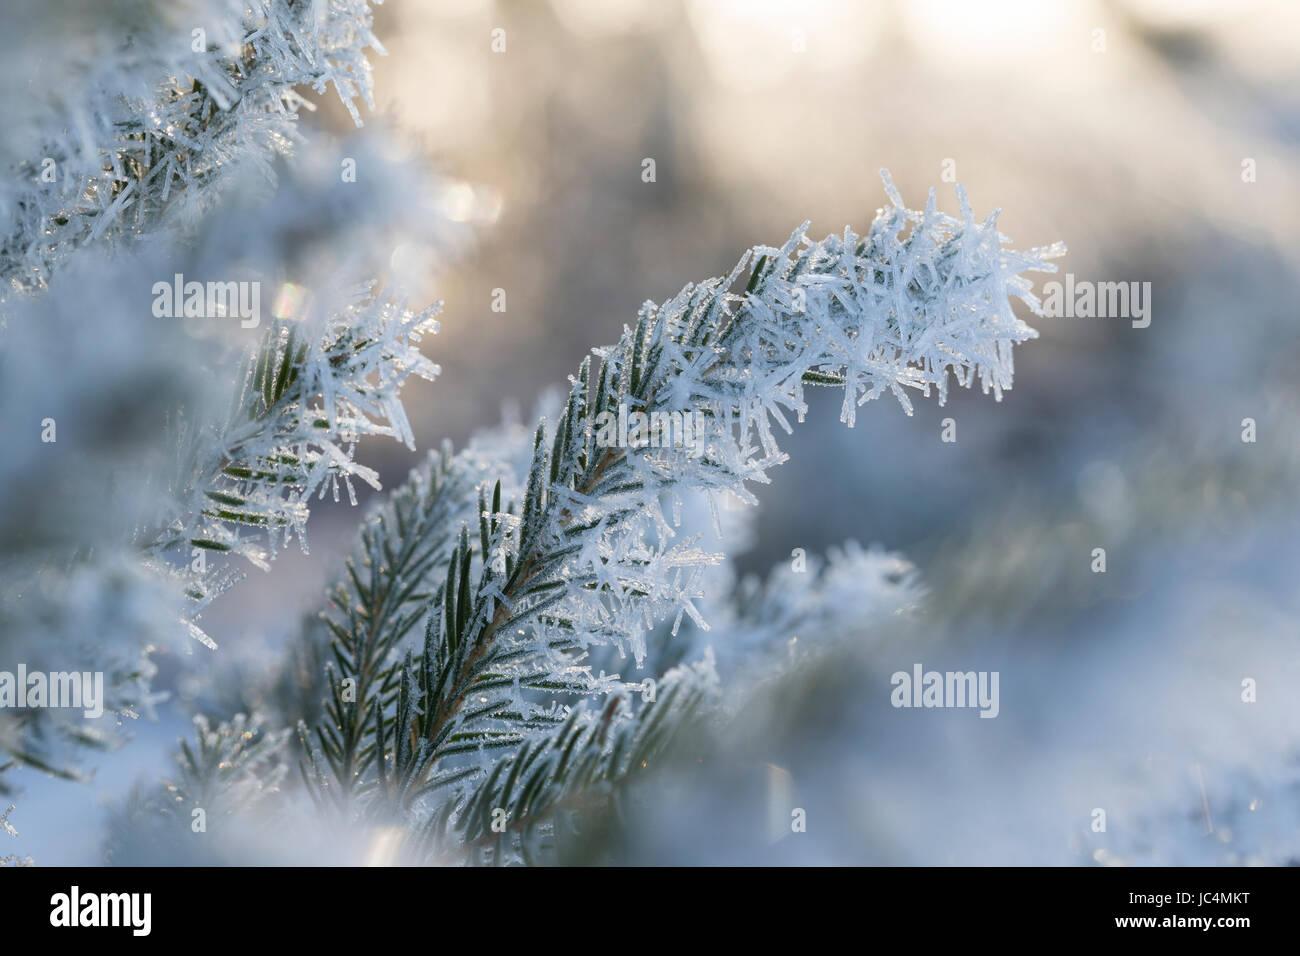 Fichte, Fichtenzweig im Winter mit Reif, Raureif, Gewöhnliche Fichte, Rot-Fichte, Rotfichte, Picea abies, Common - Stock Image